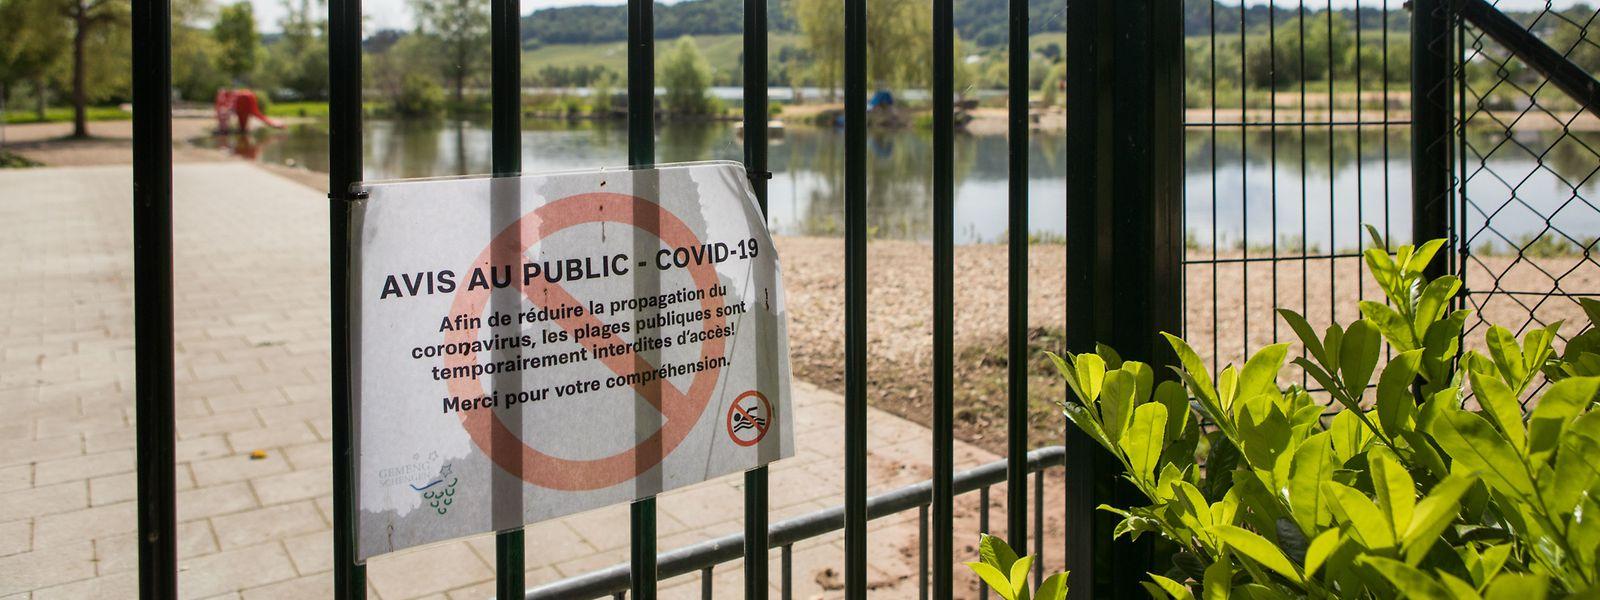 Der Zugang zum Baggerweiher in Remerschen bleibt bis auf weiteres zu.